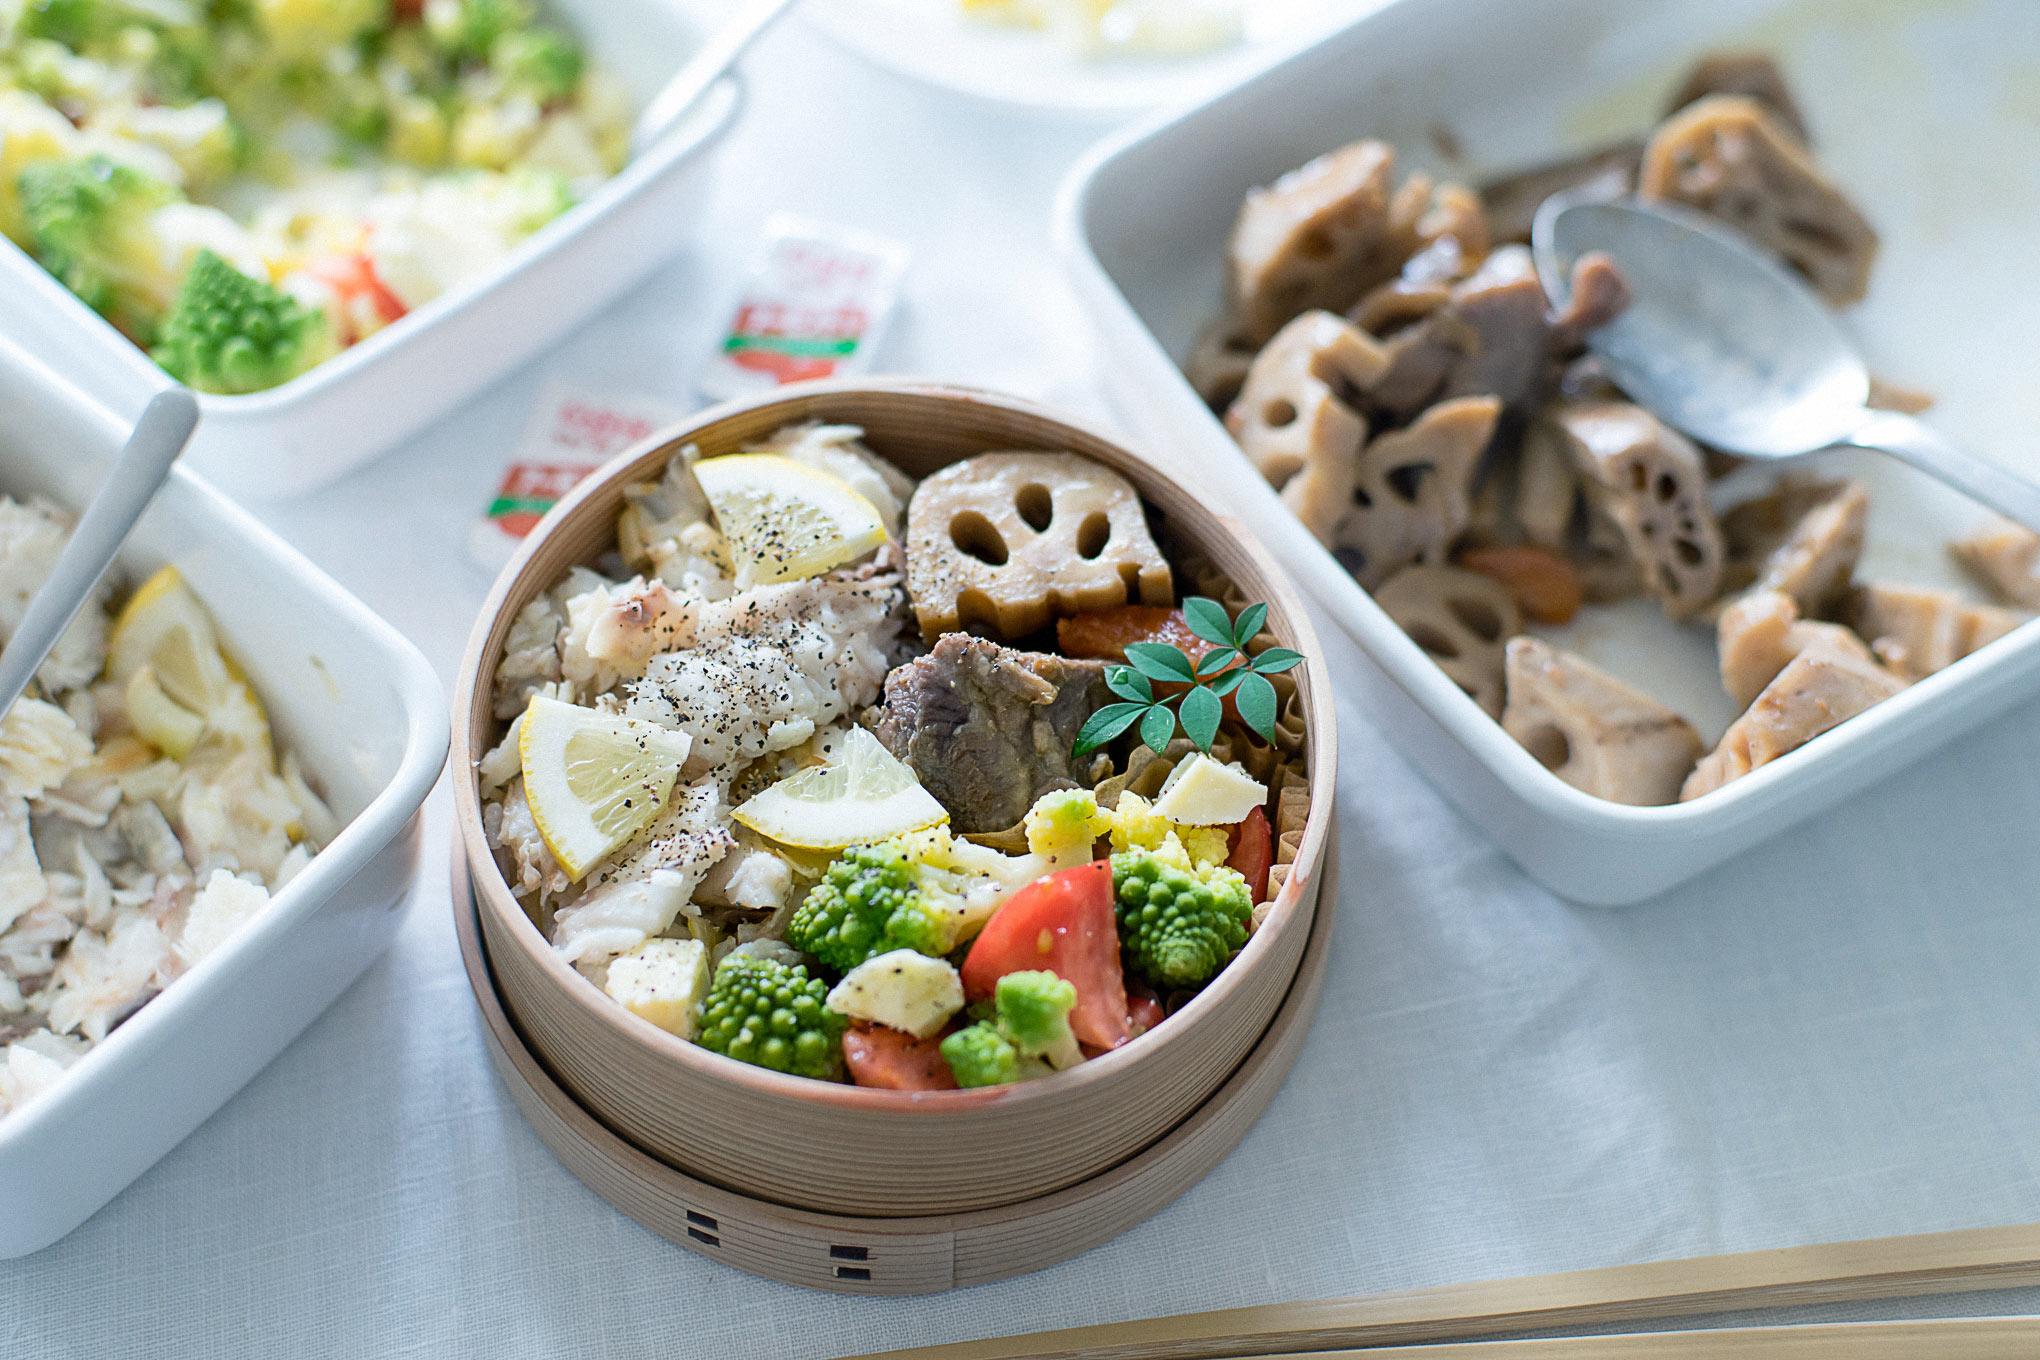 【お弁当の詰めかた・その2】白身魚のレモンそぼろご飯弁当。